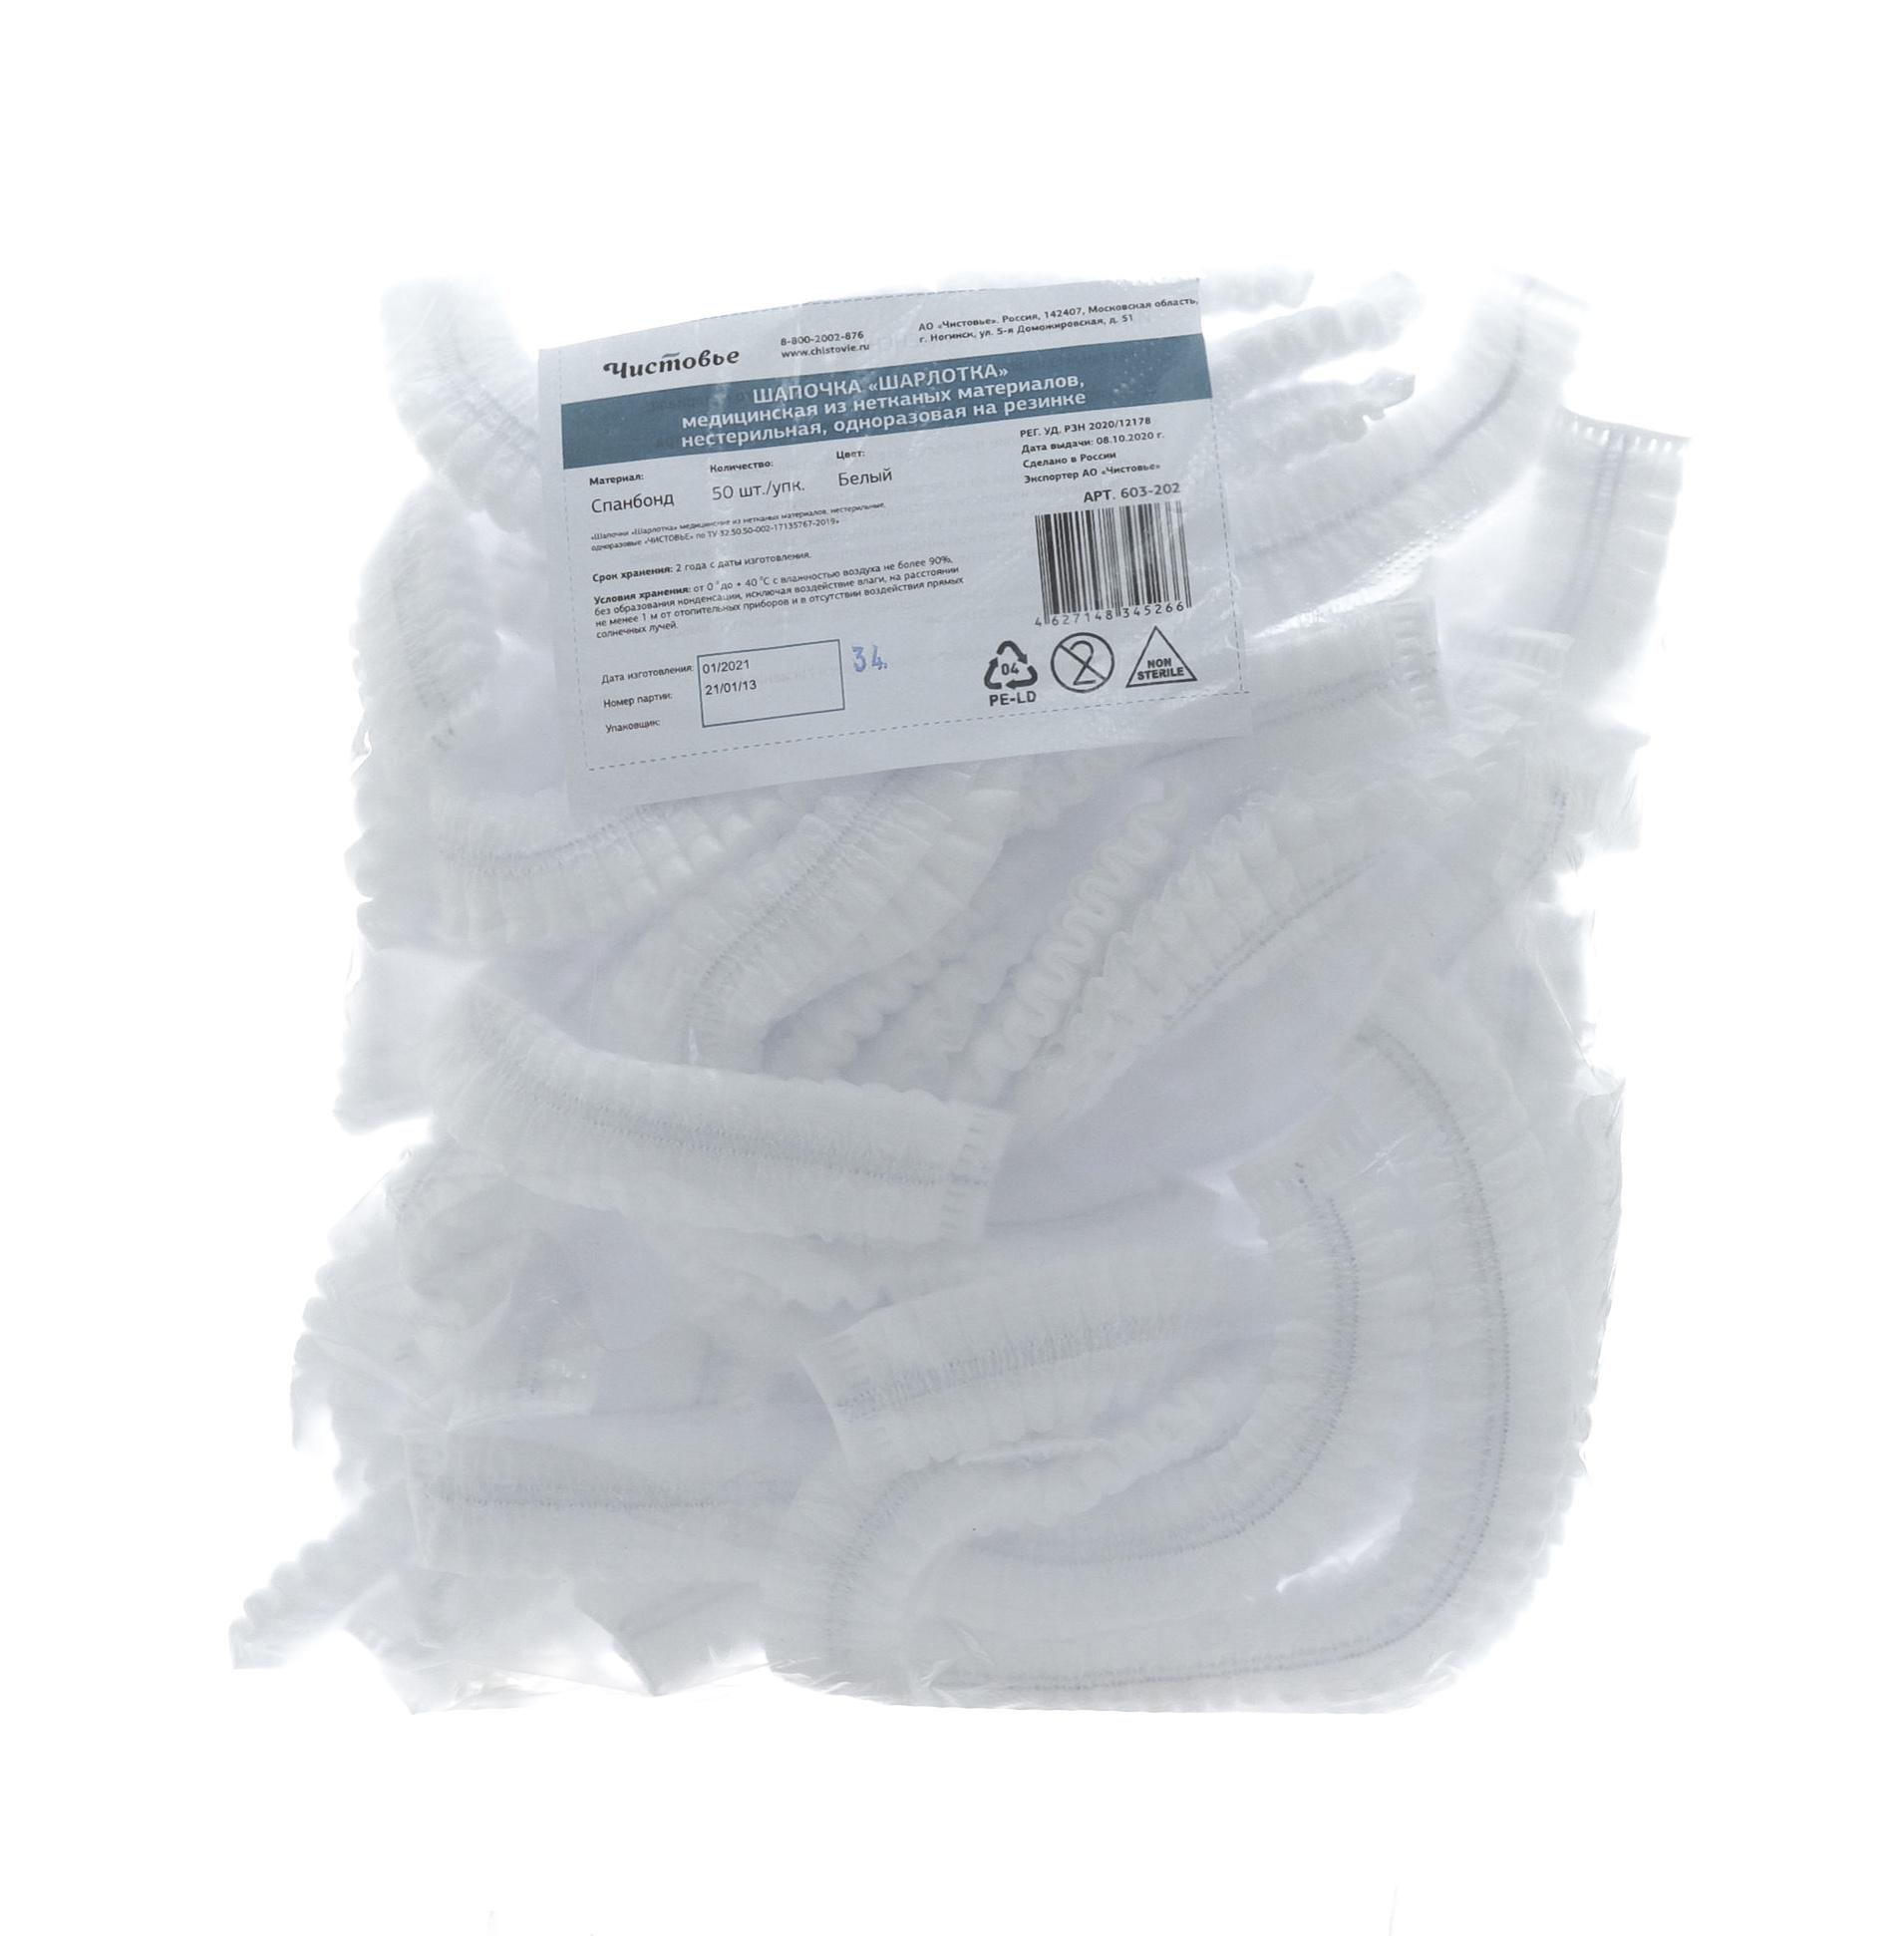 Купить Чистовье Шапочка «Шарлотка» медицинская из нетканых материалов, нестерильная, одноразовая на резинке Белая, 1 х 50 шт (Чистовье, )